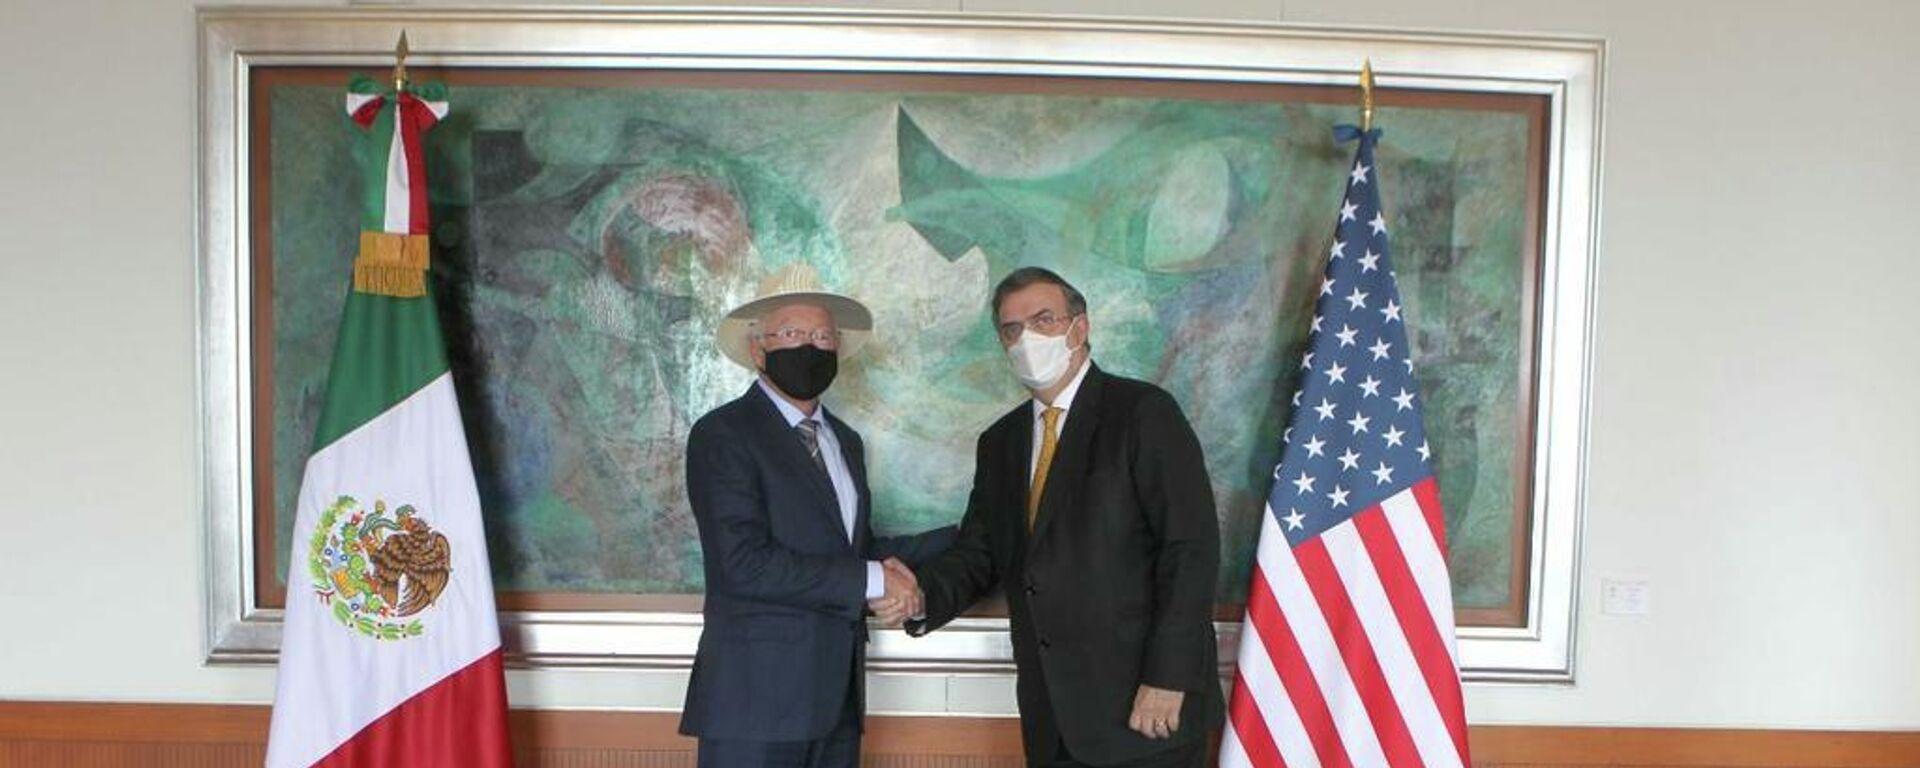 Ken Salazar, embajador de EEUU en México, y Marcelo Ebrard, canciller mexicano - Sputnik Mundo, 1920, 08.10.2021